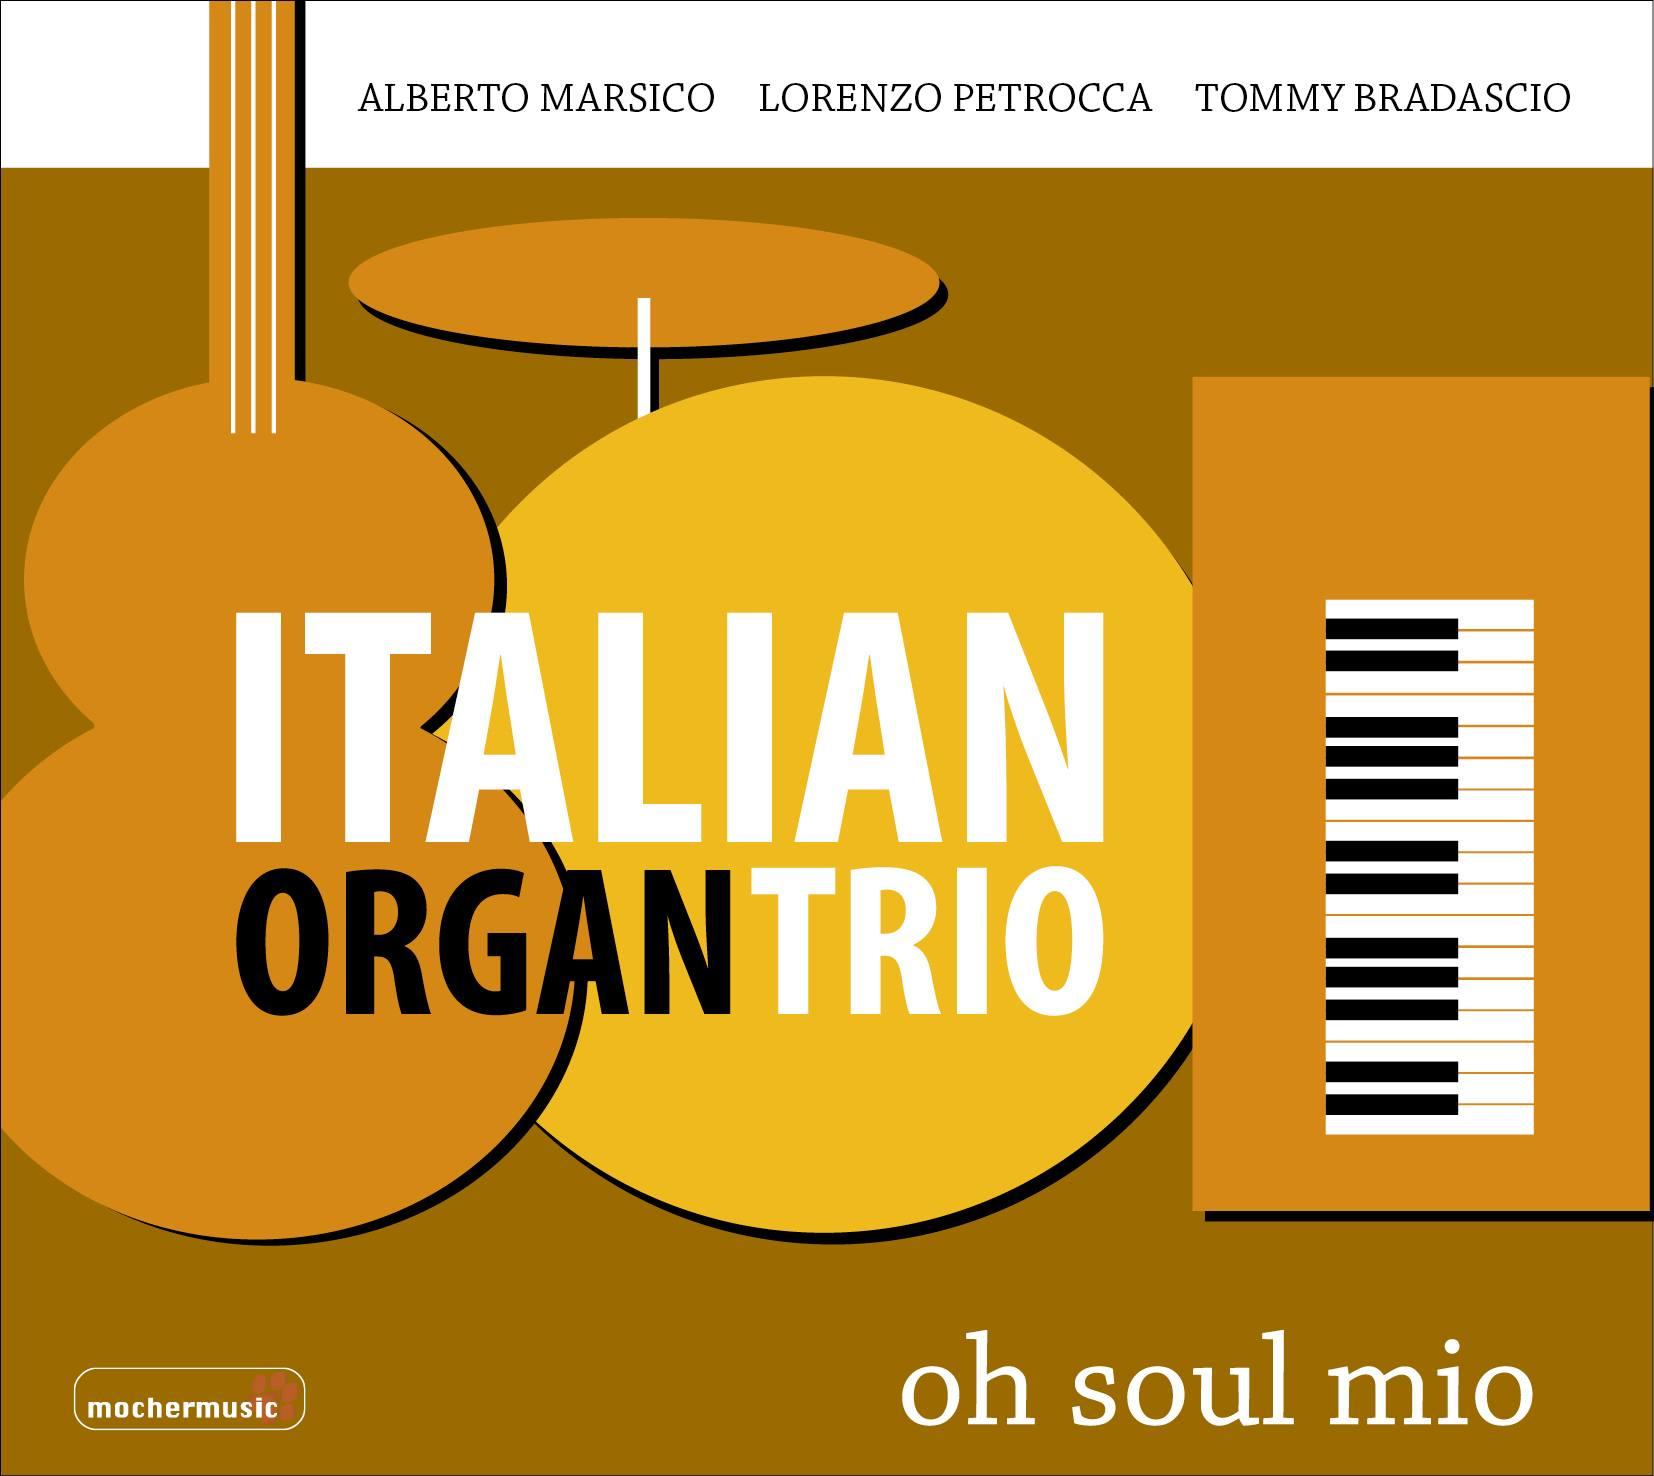 ITALIAN ORGAN TRIO